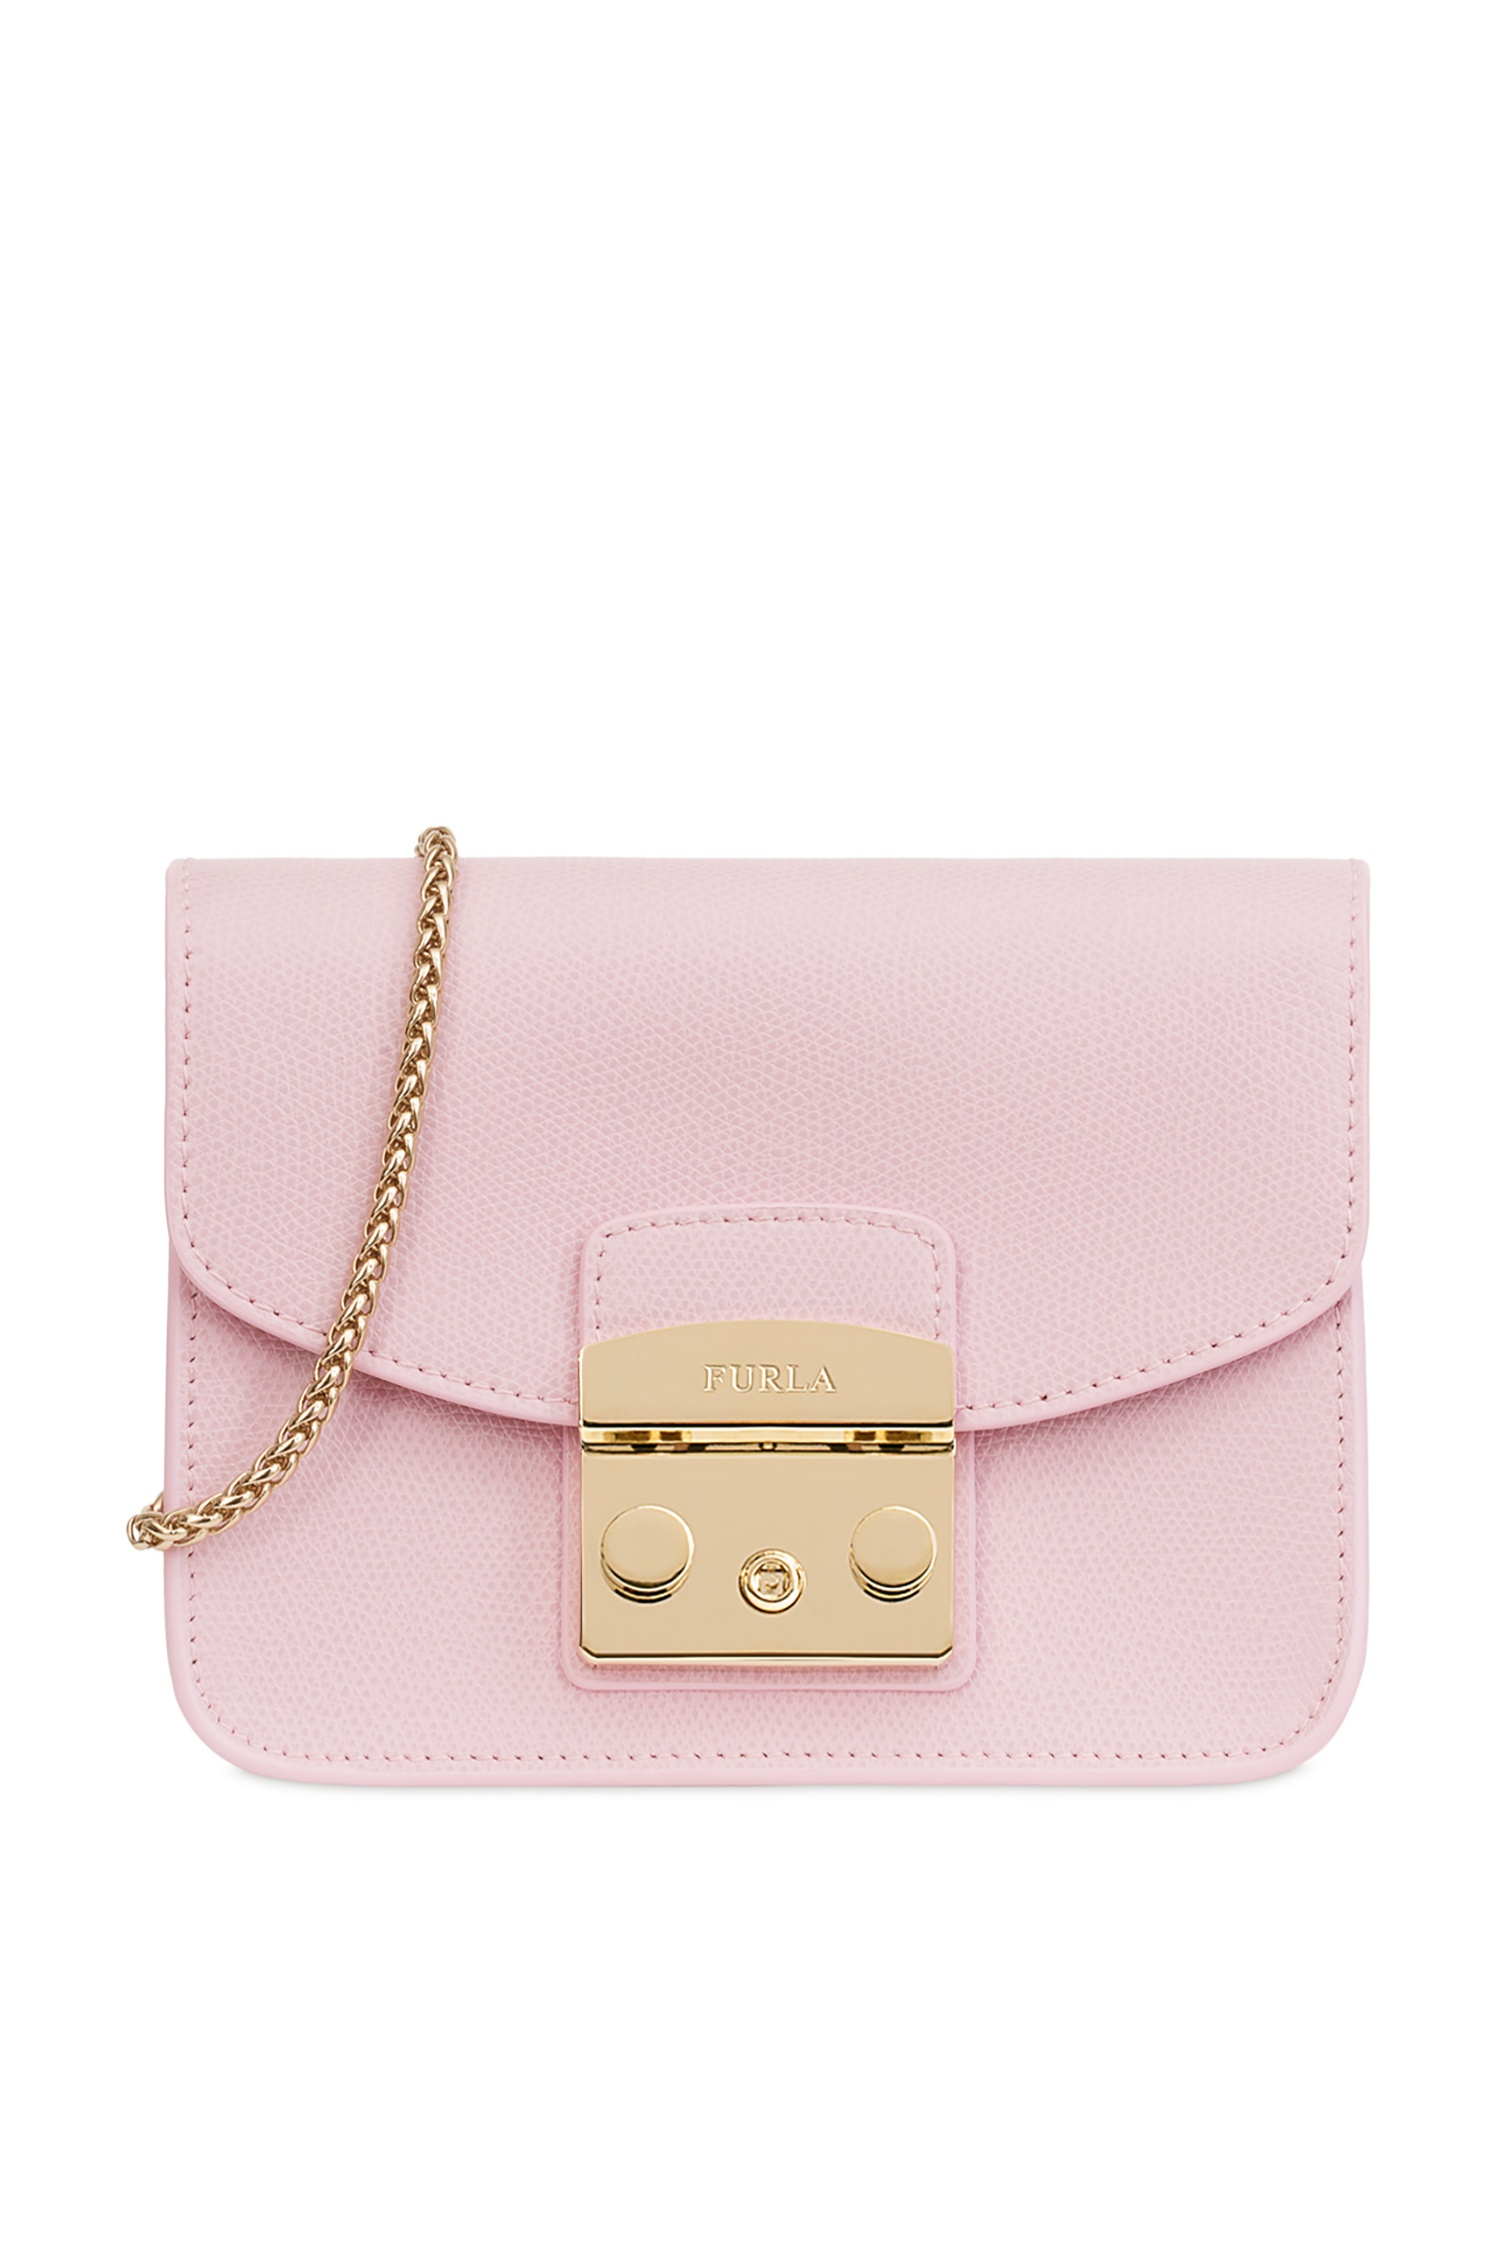 9a43580e25cb Светло-розовая сумка Metropolis FURLA – купить в интернет-магазине в ...